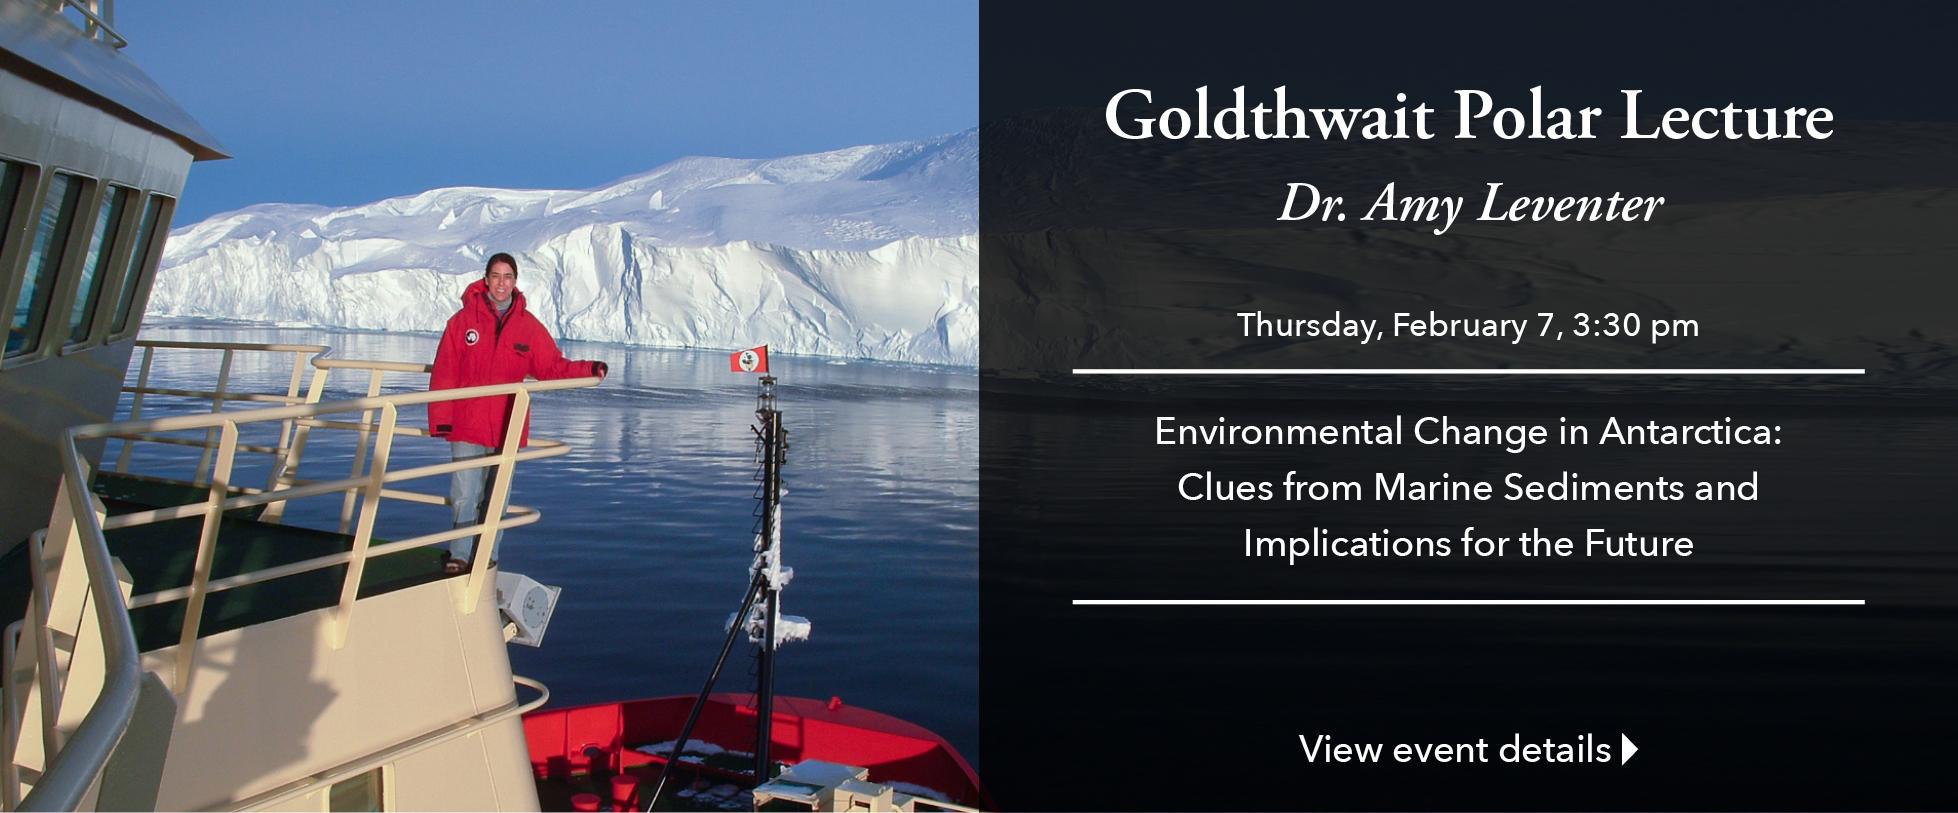 2018 Goldthwait Polar Lecture